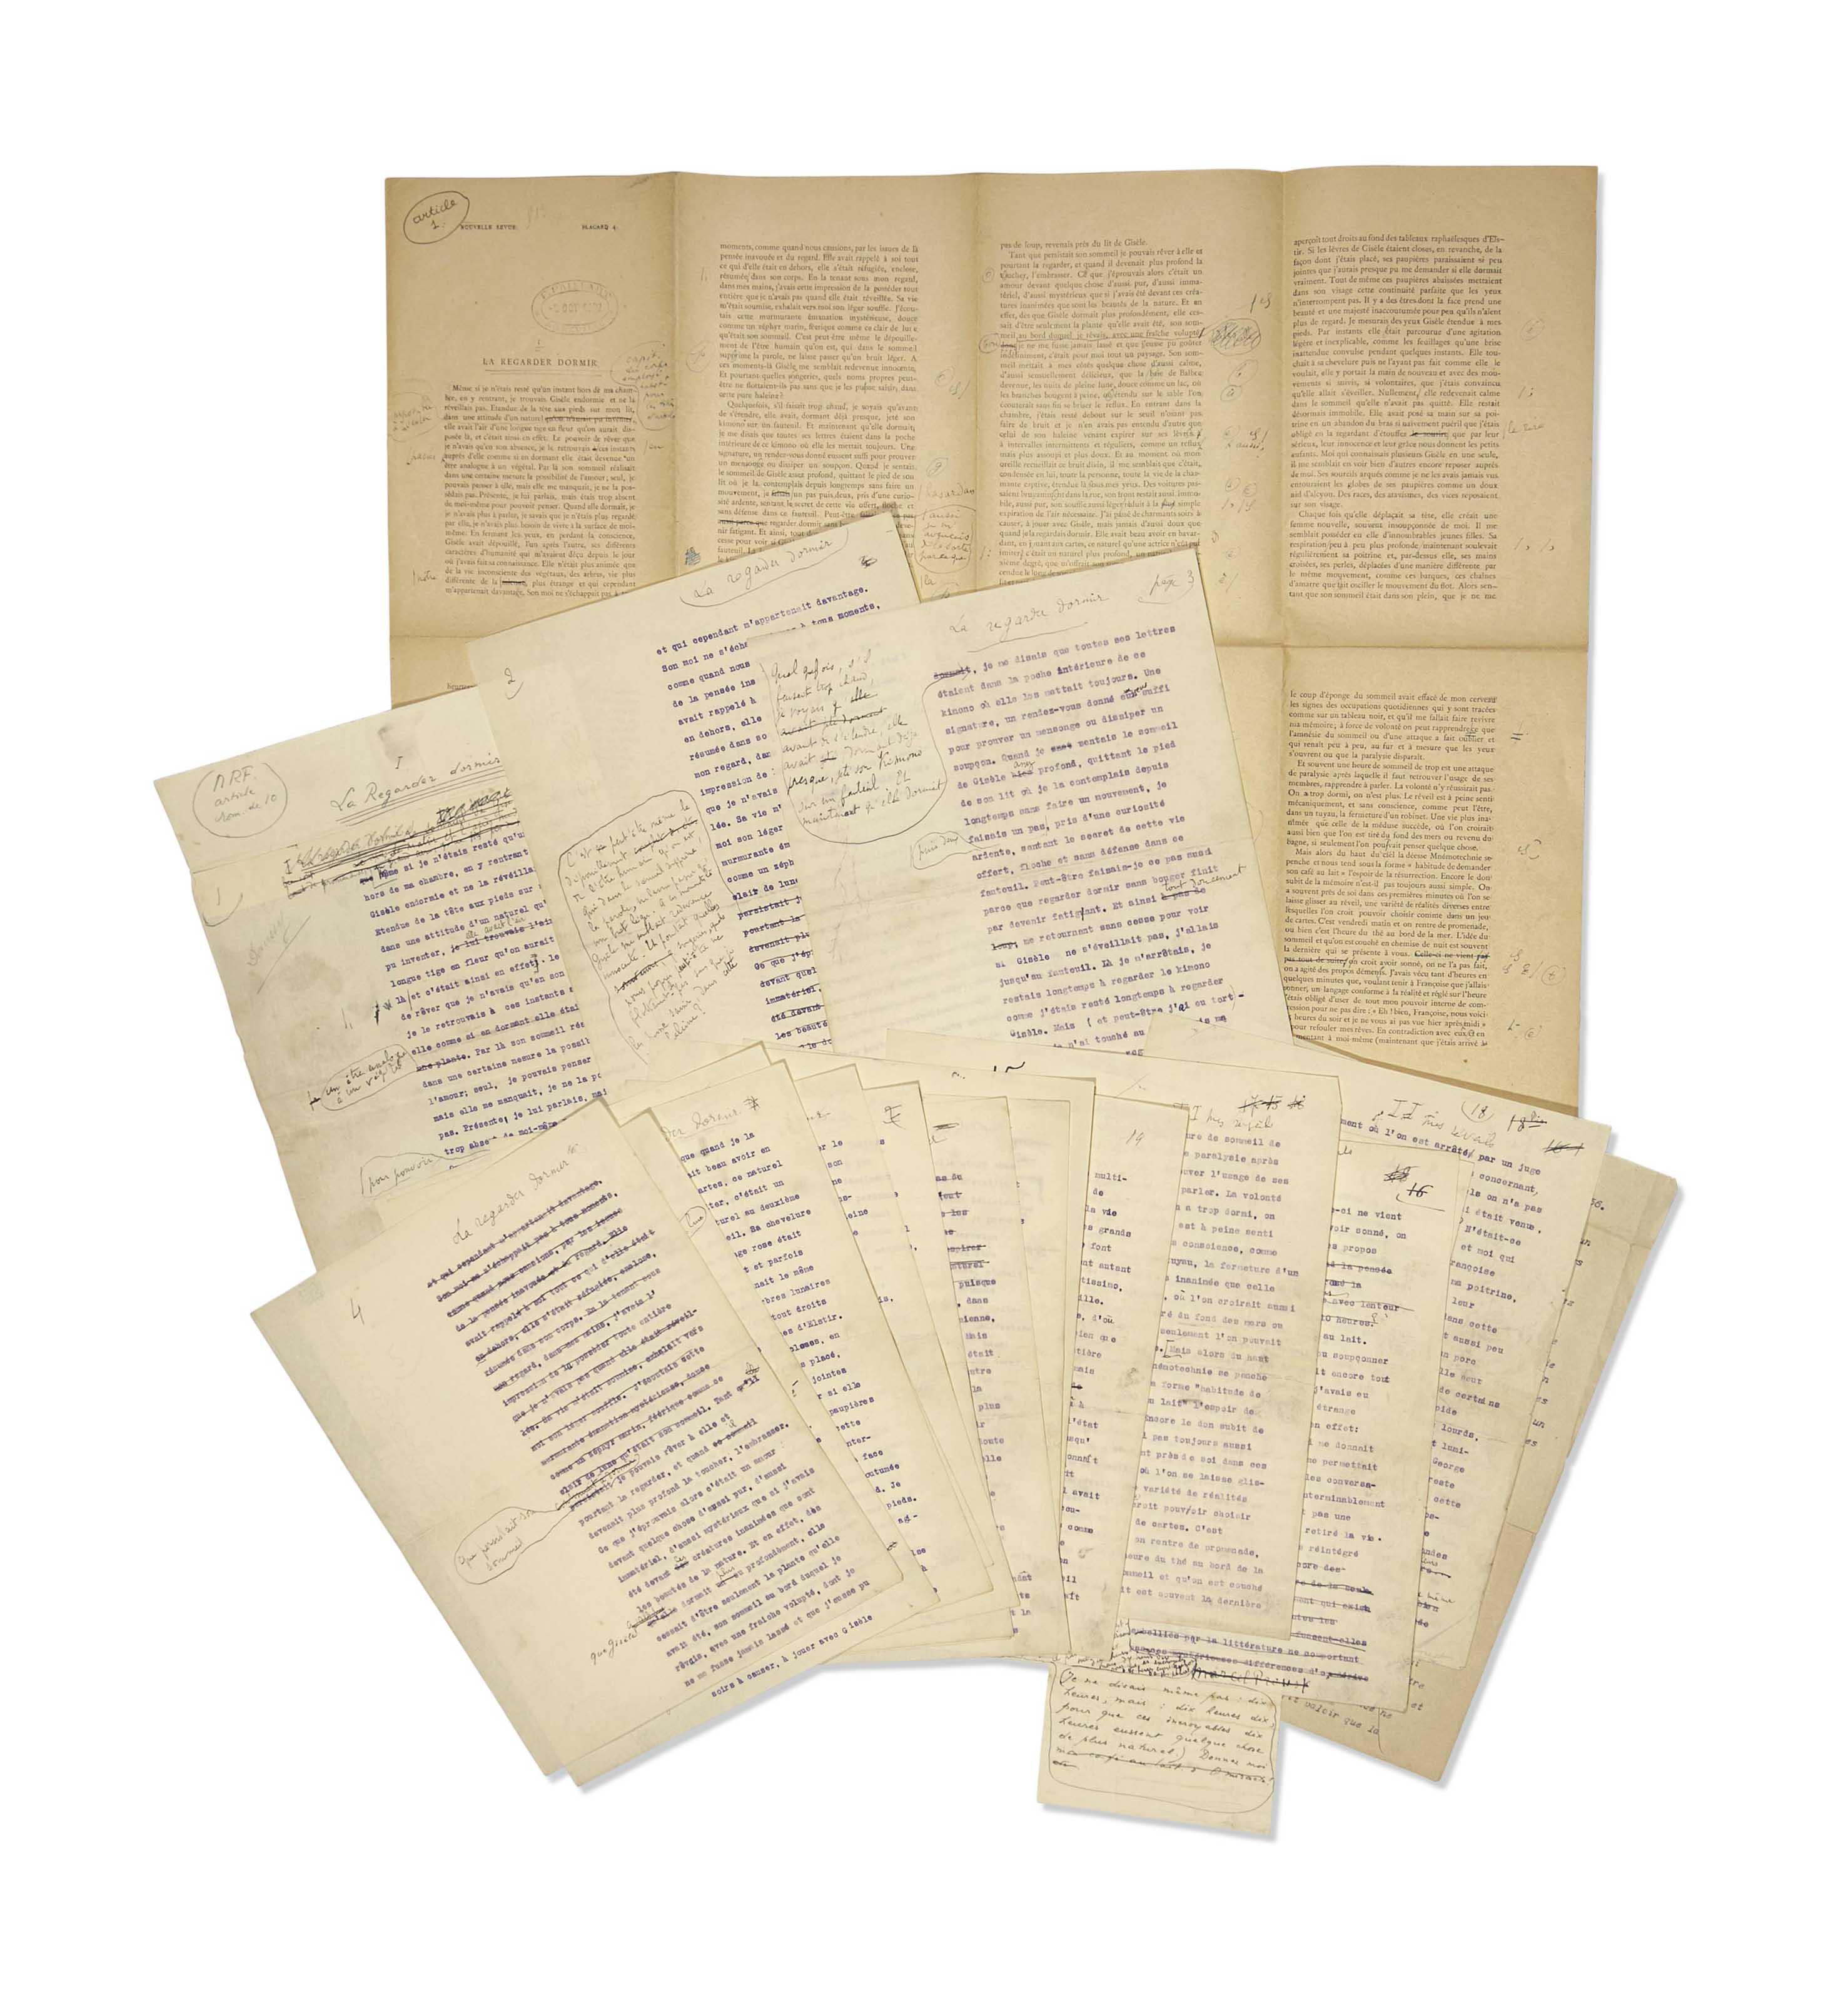 Marcel Proust (1871-1922). La Regarder dormir et Mes réveils. Tapuscrit avec nombreuses corrections autographes. [Septembre-octobre 1922] 18 feuillets in-4 (268 x 210 mm). Deux paperoles (sur le premier et le seizième feuillet). Signature autographe biffée en bas du seizième feuillet. (Quelques taches.)